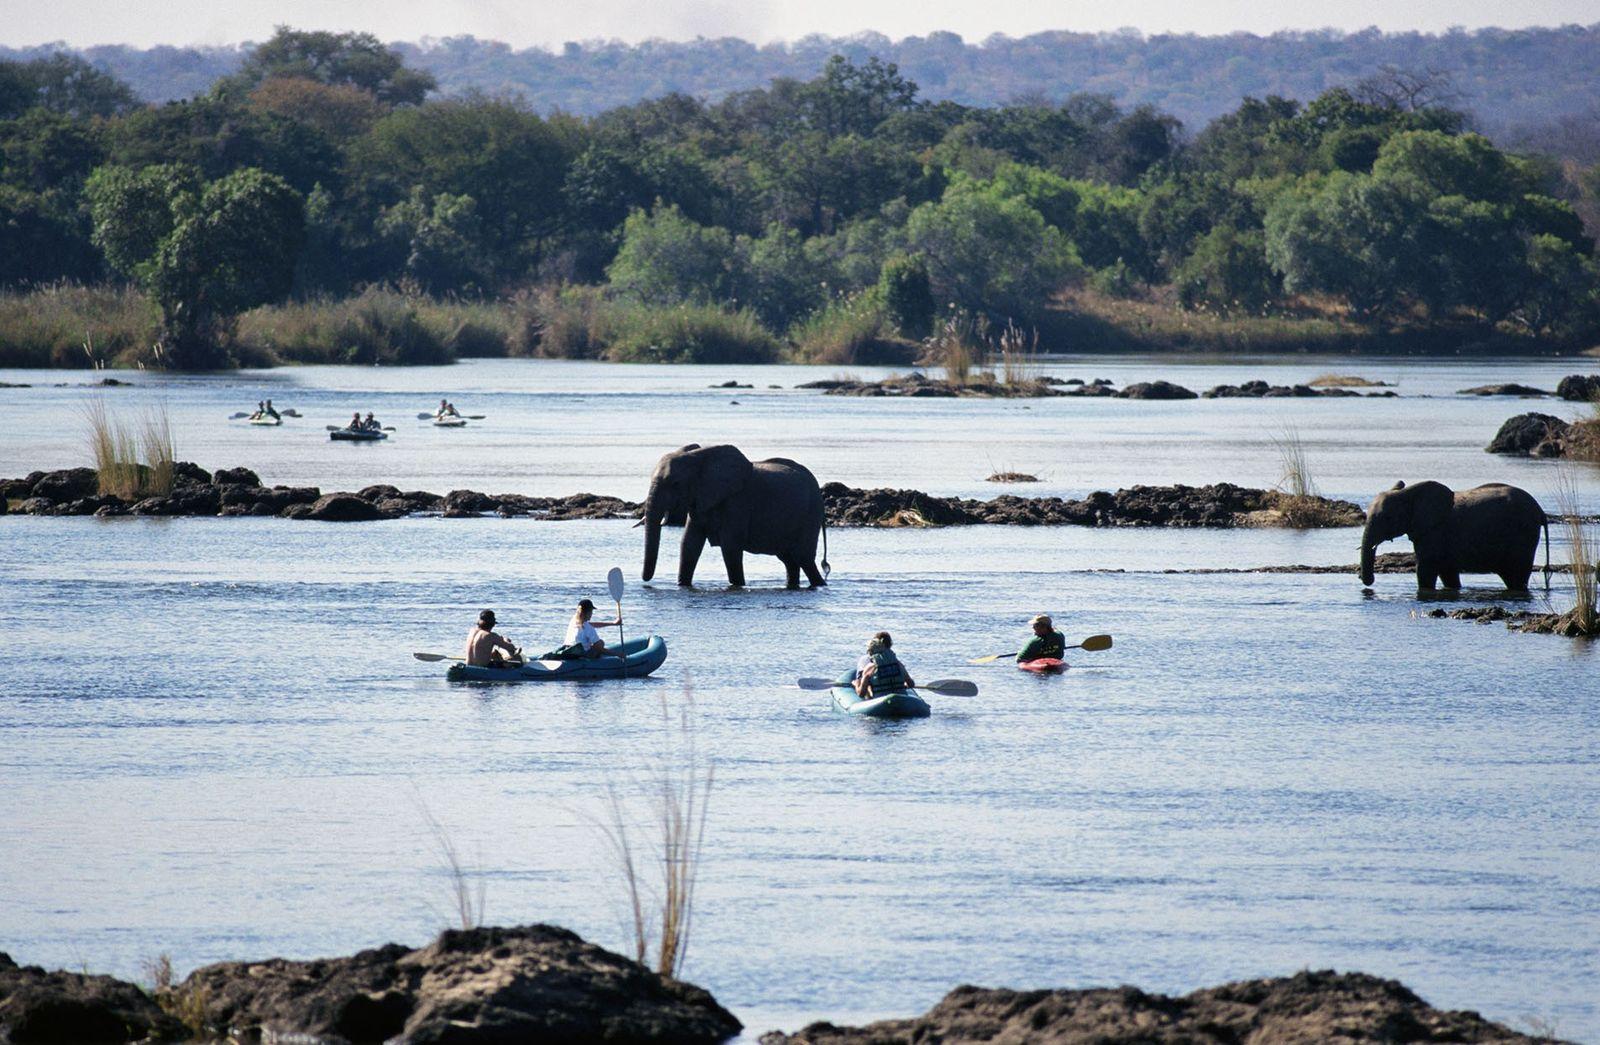 Elephants in the Zambezi river